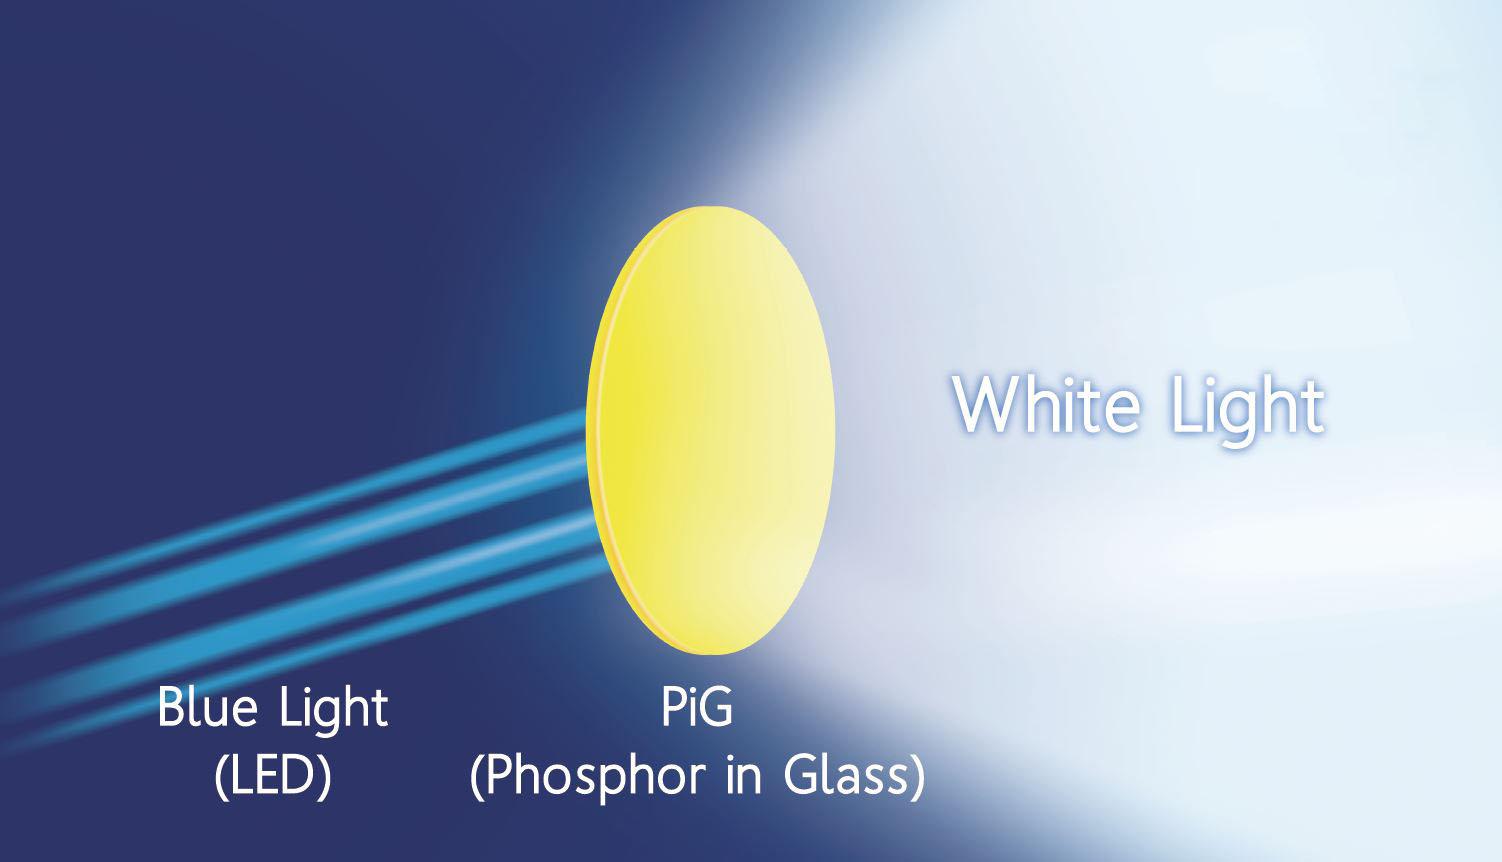 Phospher in glass white LED PIG White Light Drawing.JPG